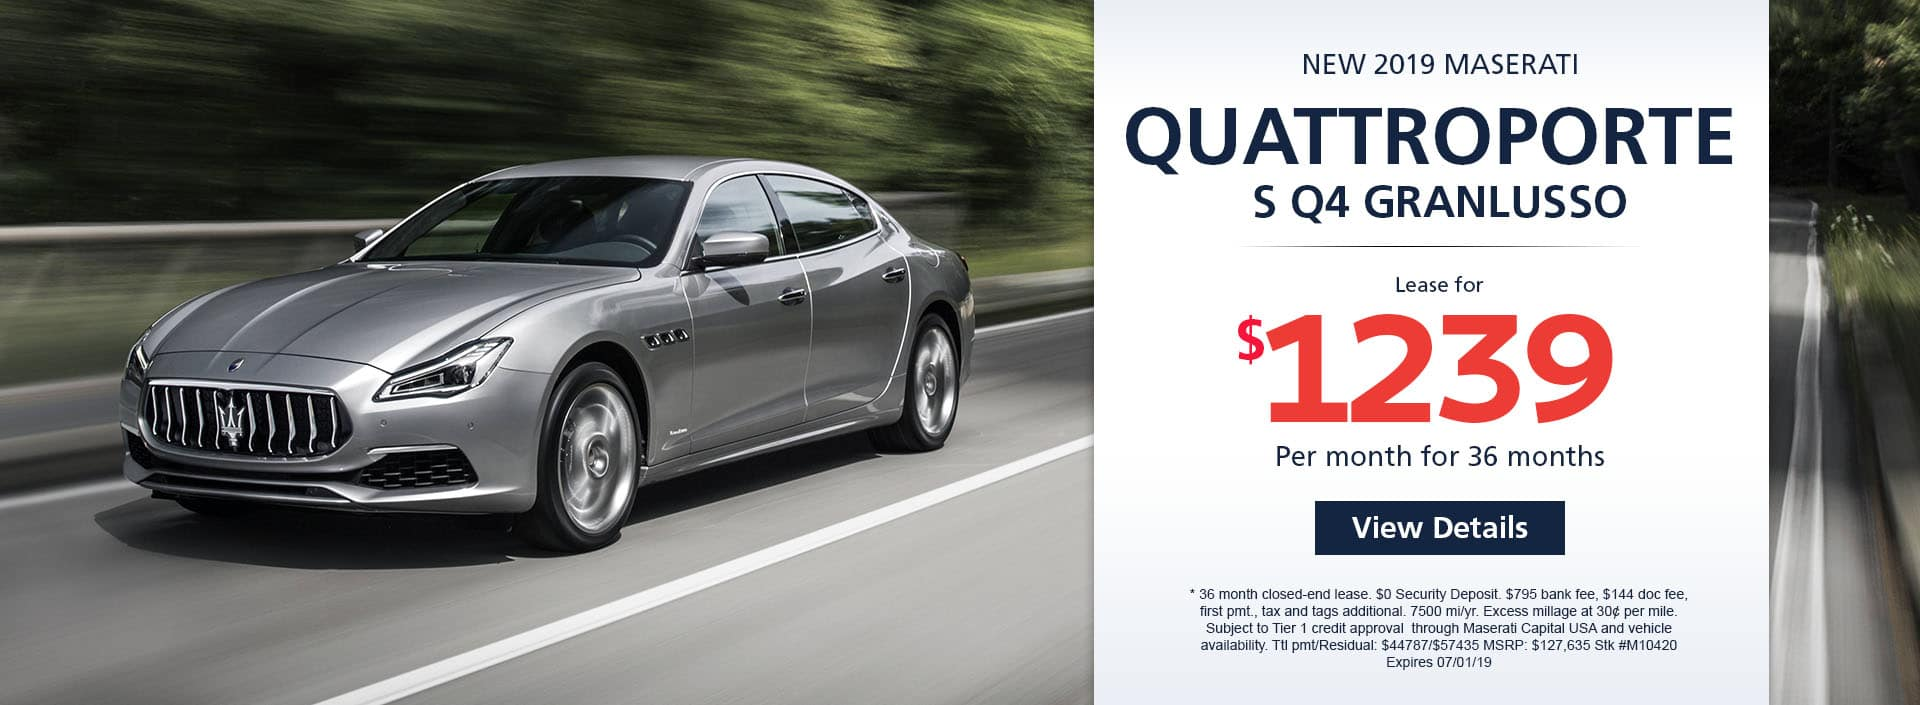 2019 MASERATI QUATTROPORTE S Q4 GRANLUSSO Lease For $1239.